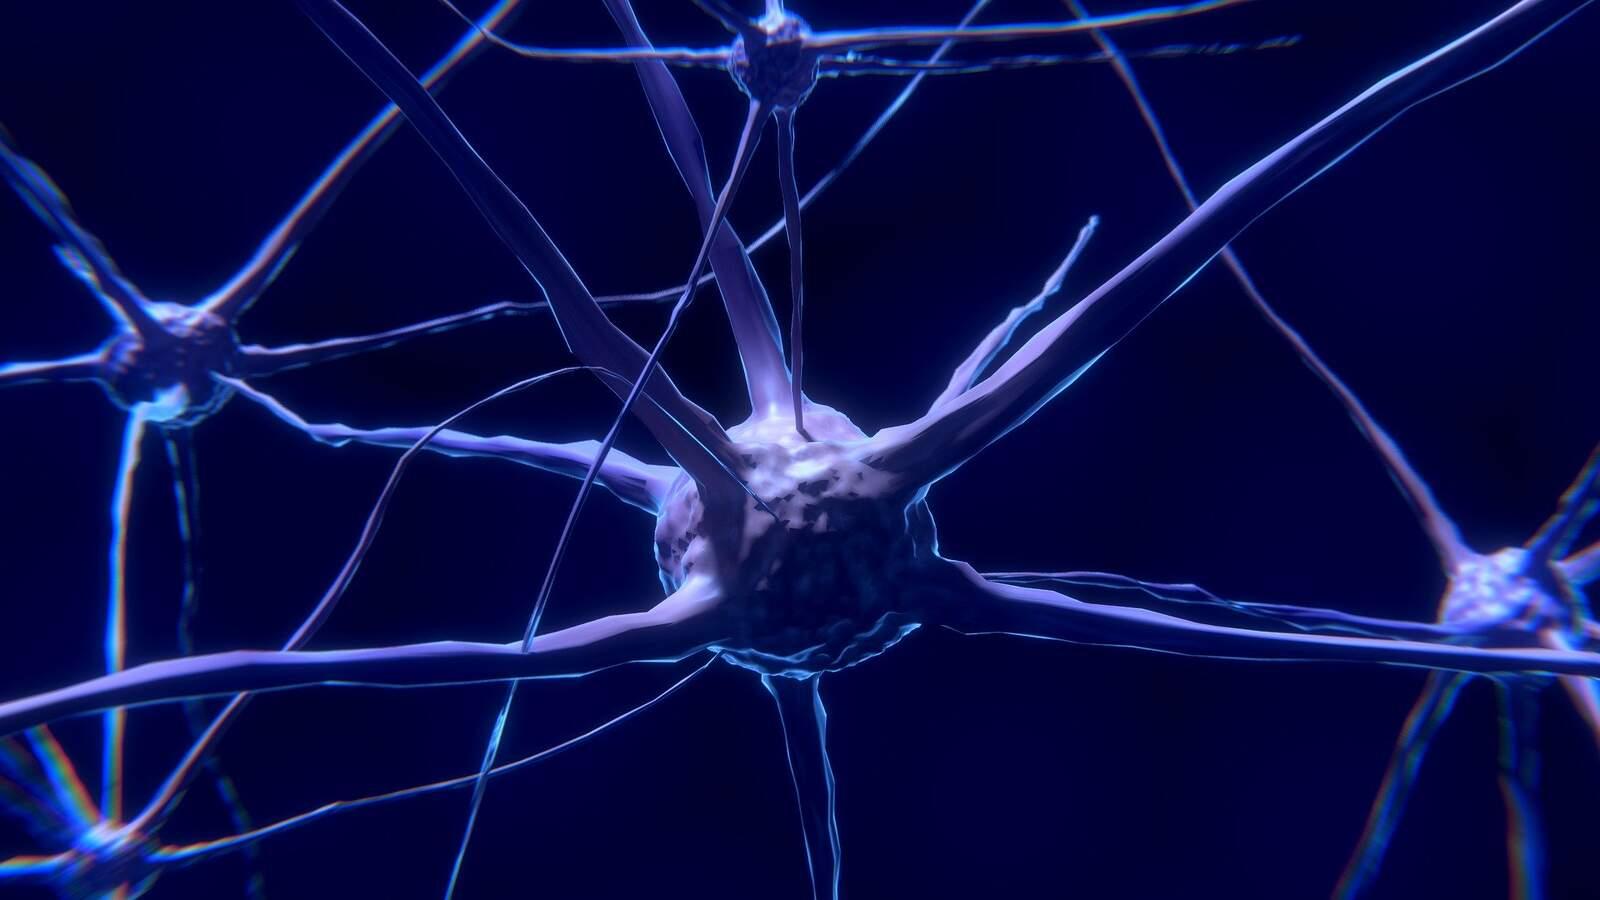 Malaltia neurològica